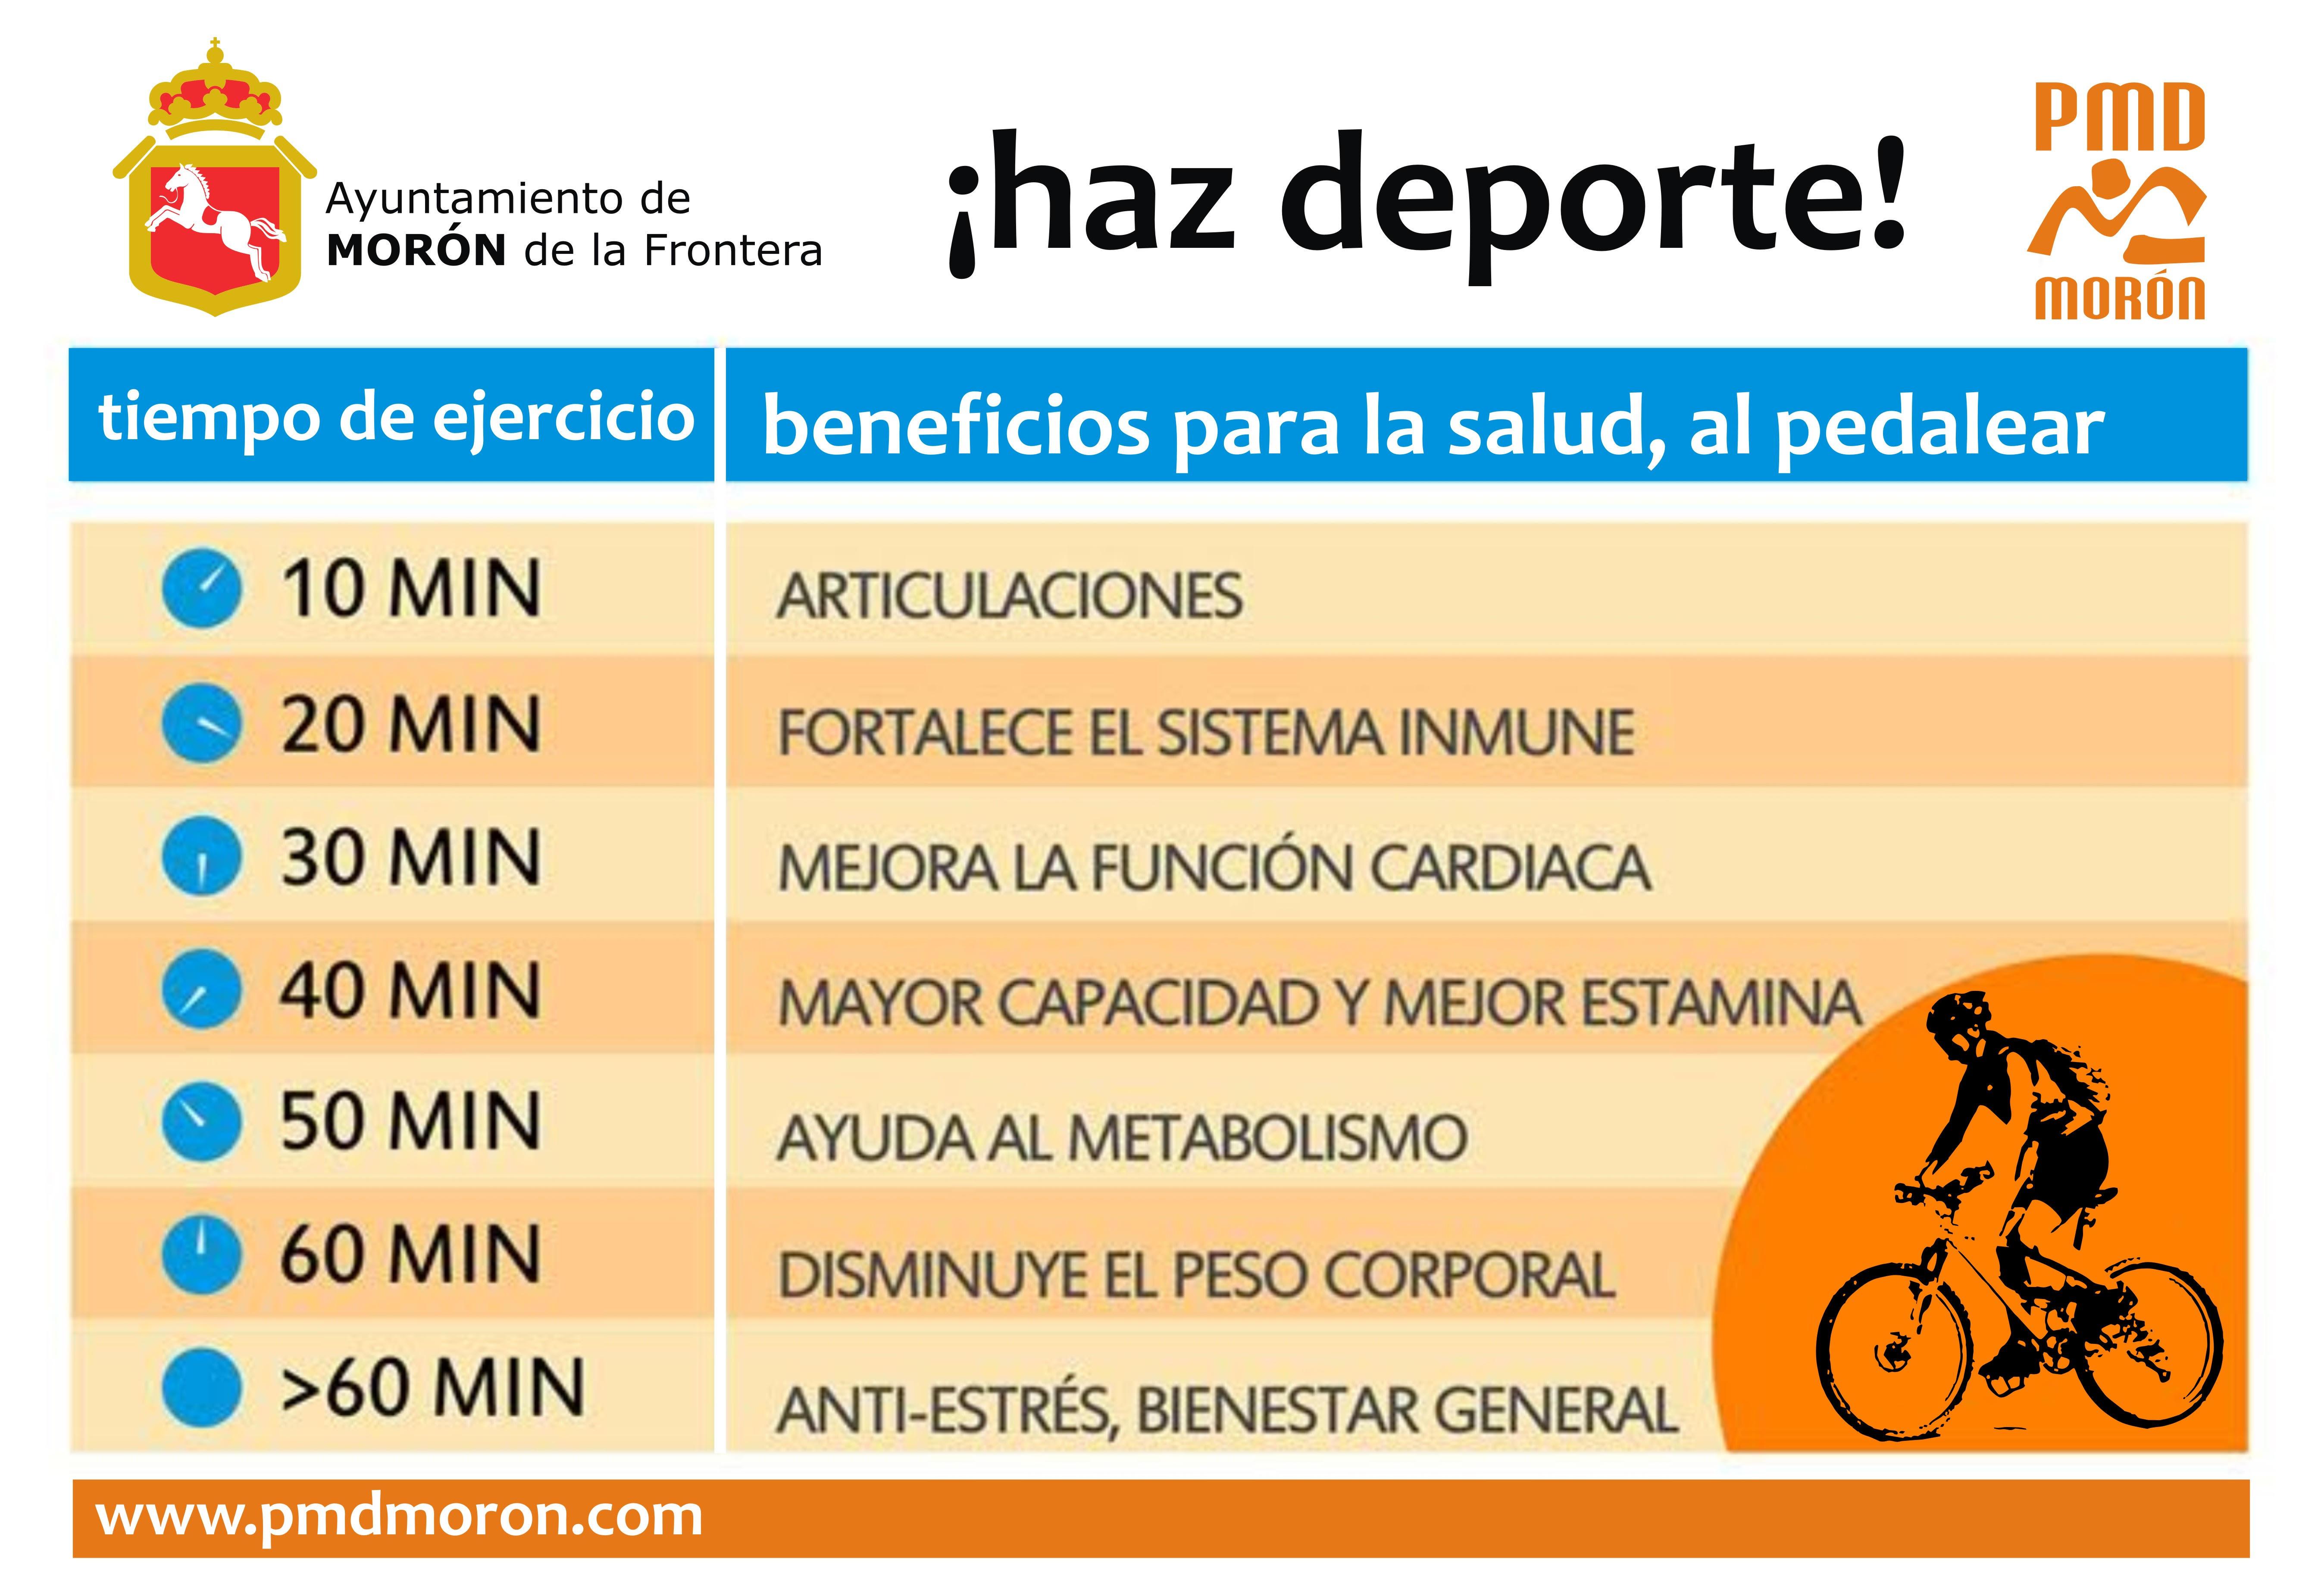 Ayuntamiento de Morón de la Frontera - Listado de galerías de descargas